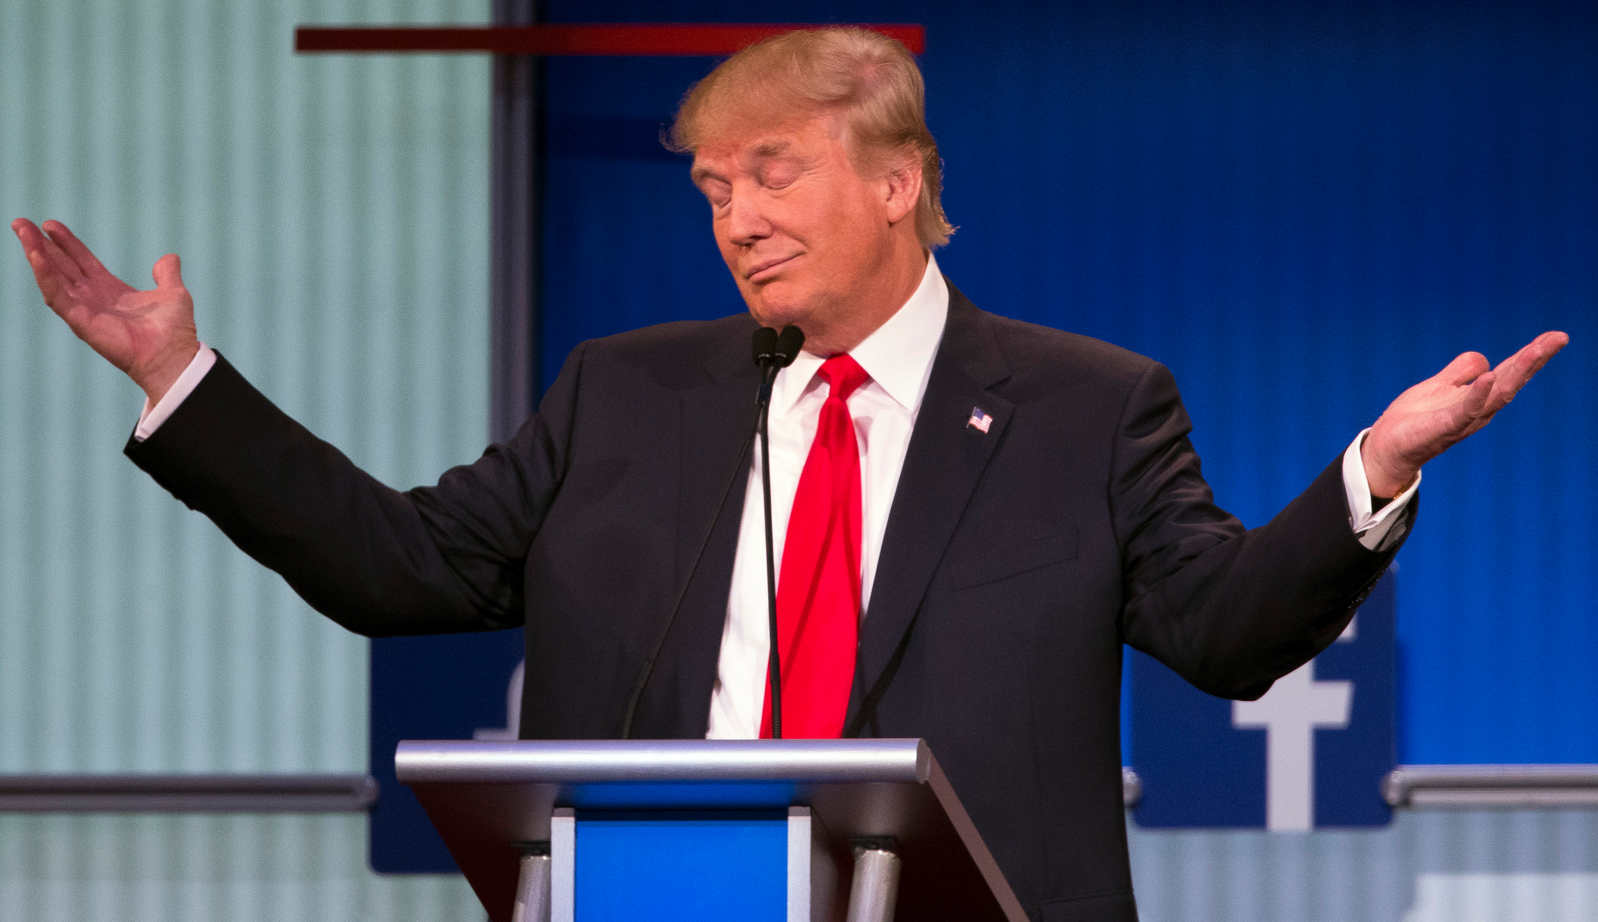 politifact-photos-Trump_gestures